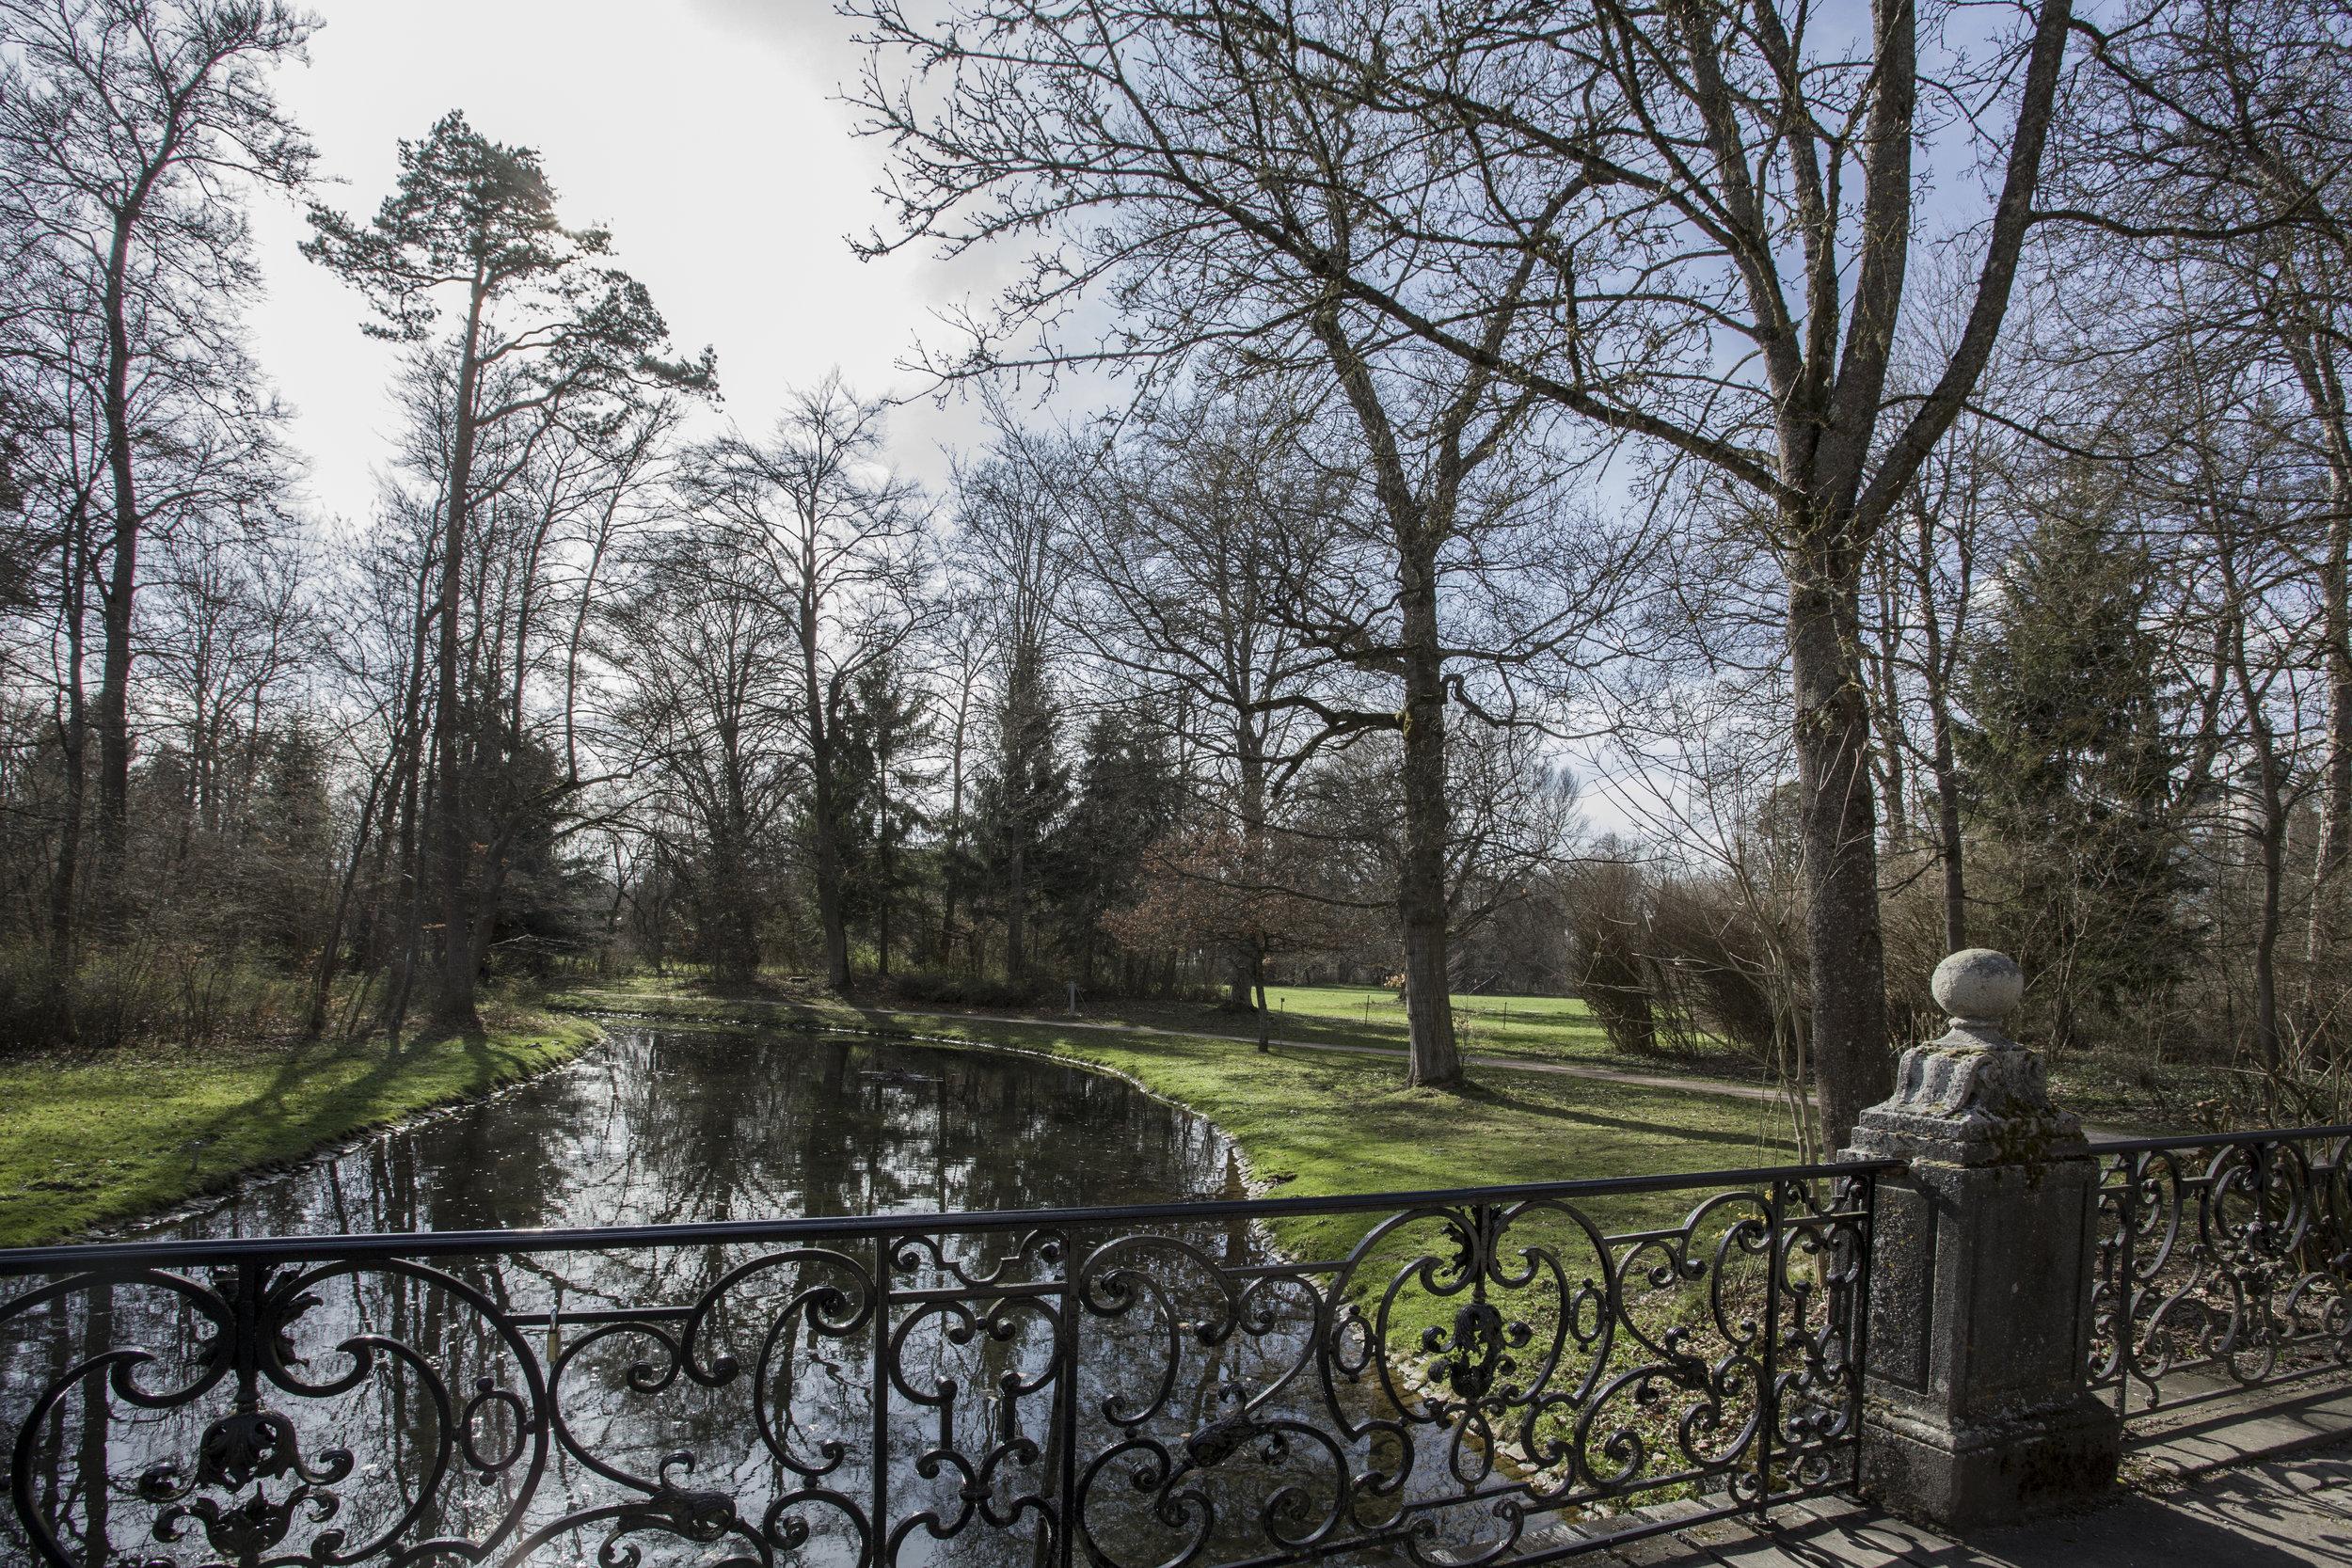 Charme d'un parc romantique à souhait où les fantômes des anciennes Cours princières d'Allemagne semblent hanter encore haies et bosquets...